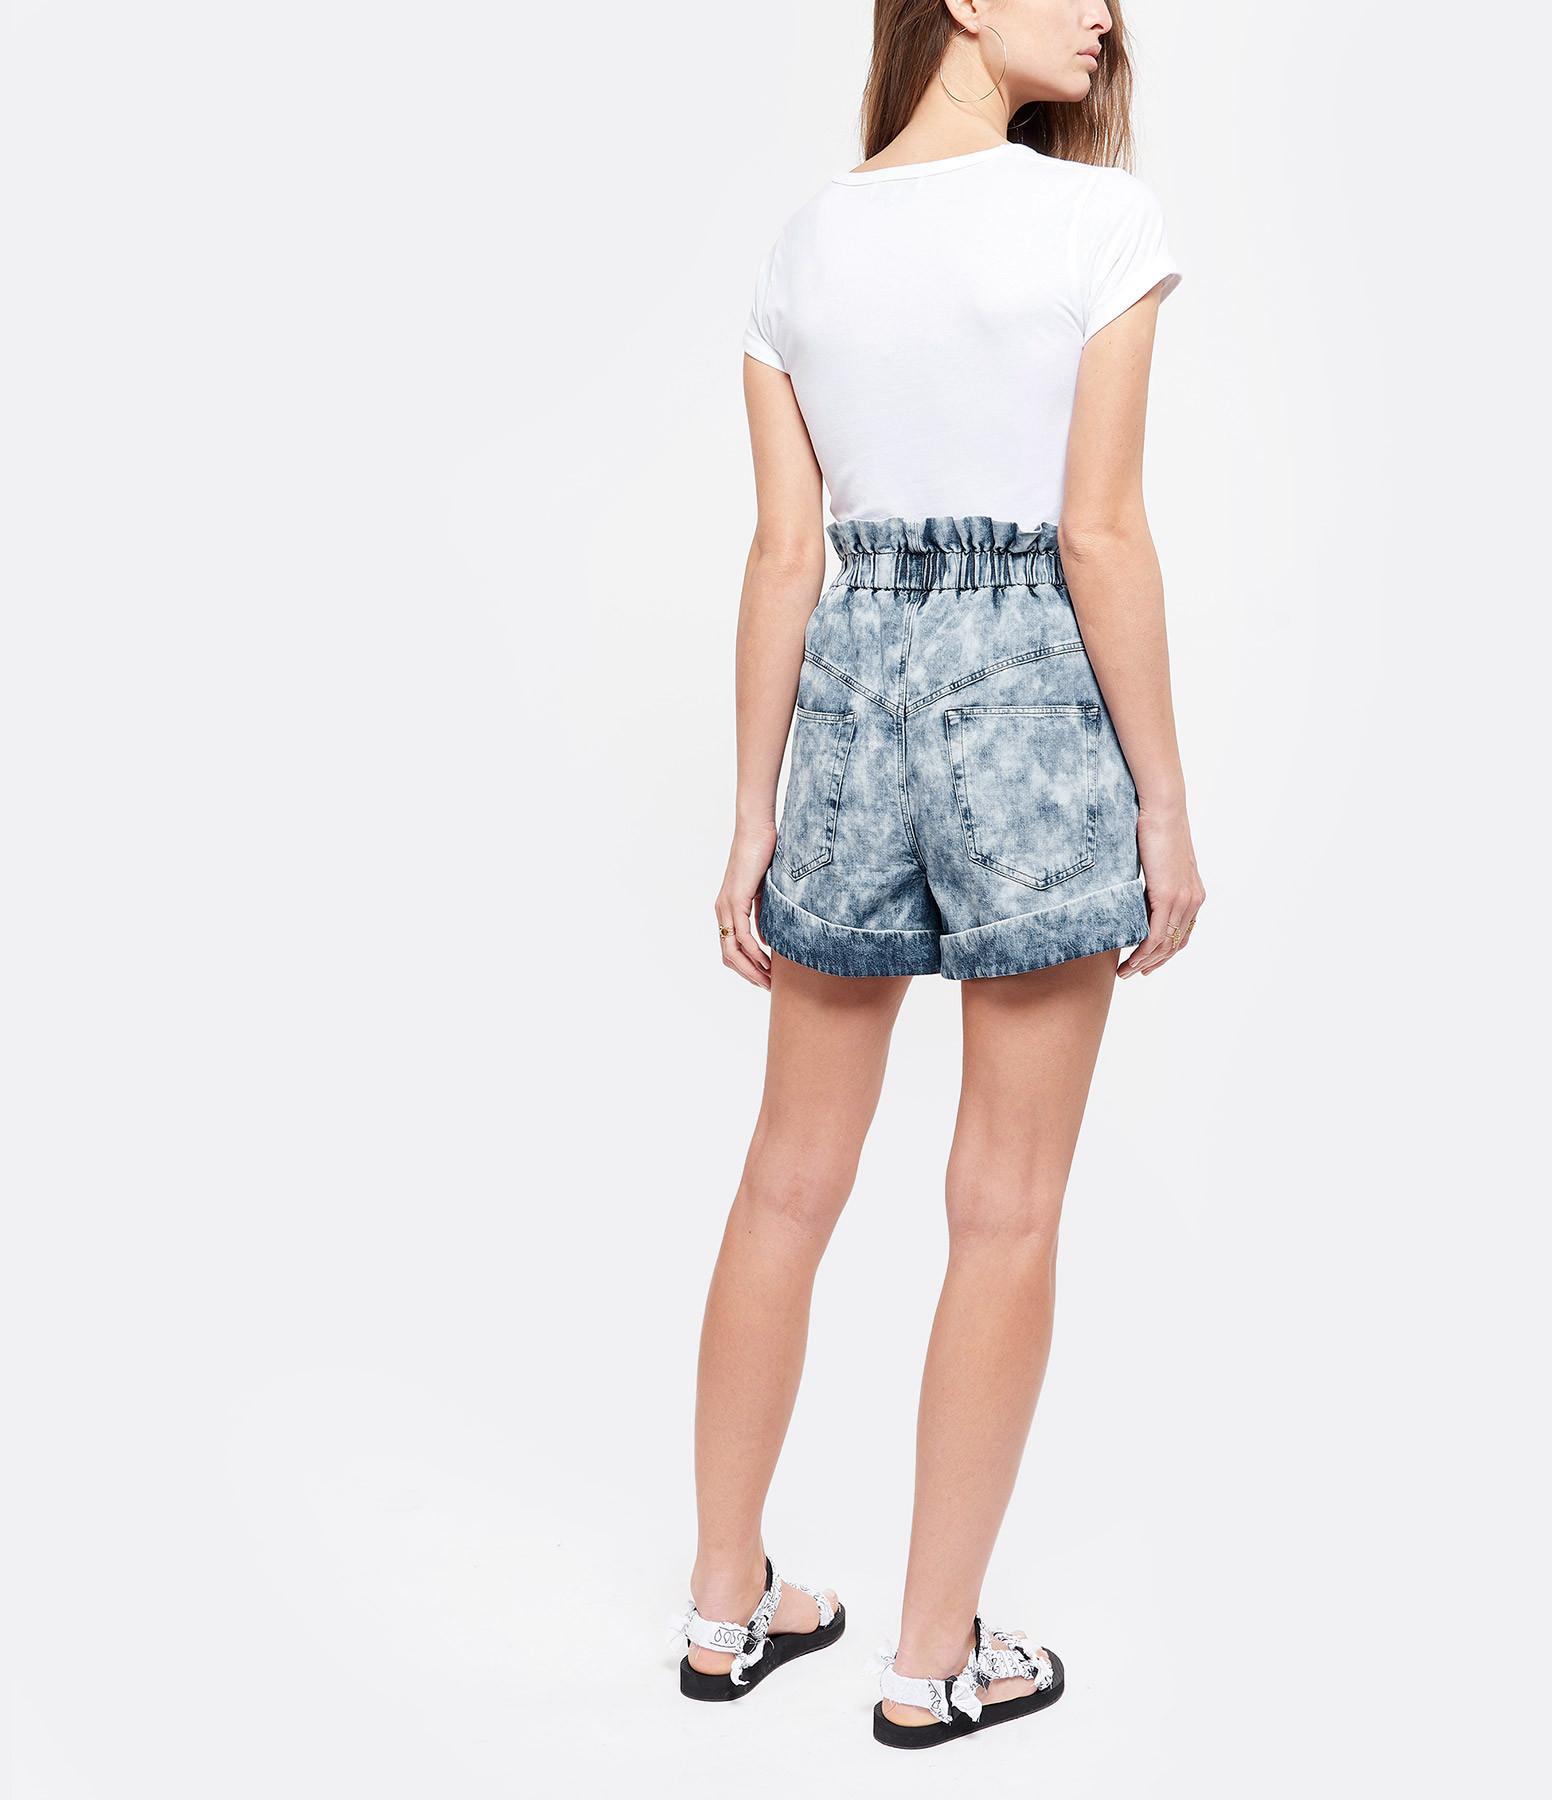 MAISON LABICHE - Tee-shirt Yessss Coton Blanc Bleu